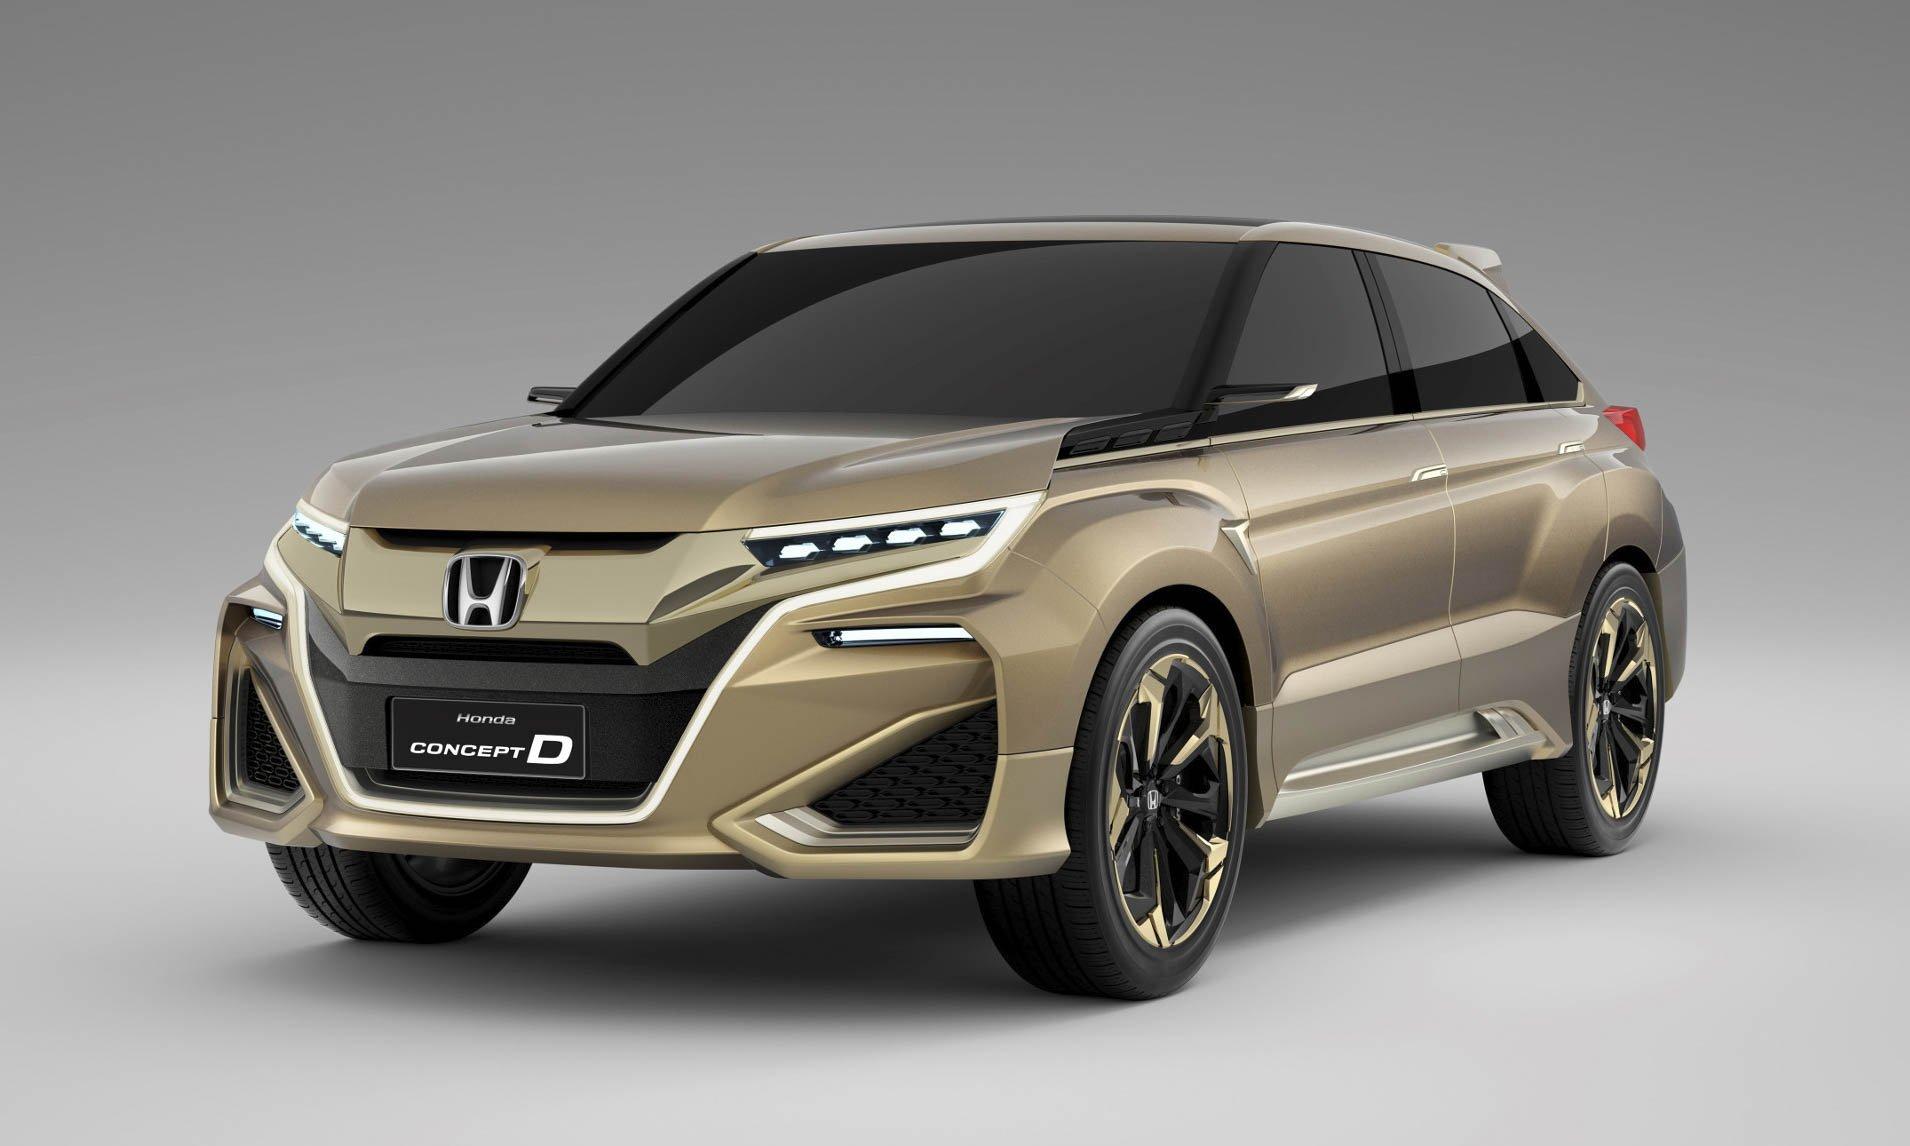 Озвучено название нового кроссовера Honda для китайской молодежи